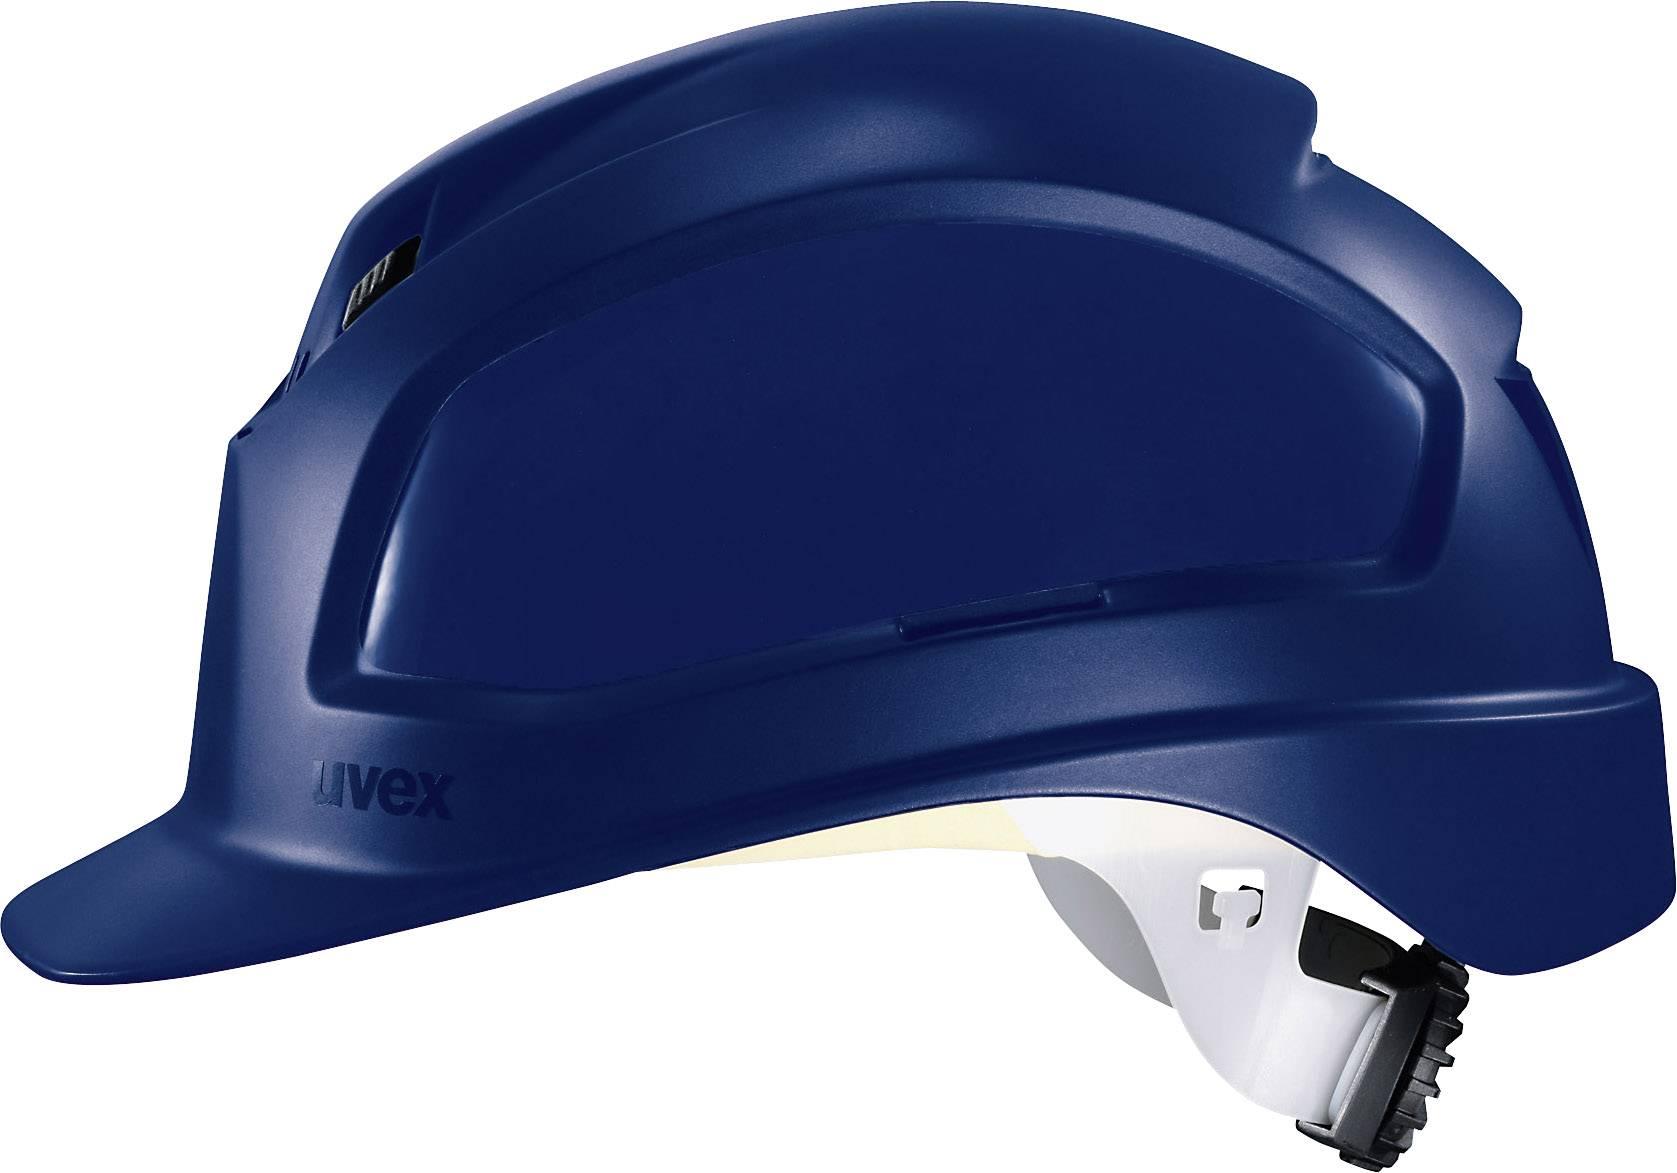 Ochranná helma Uvex pheos B-WR 9772530, modrá